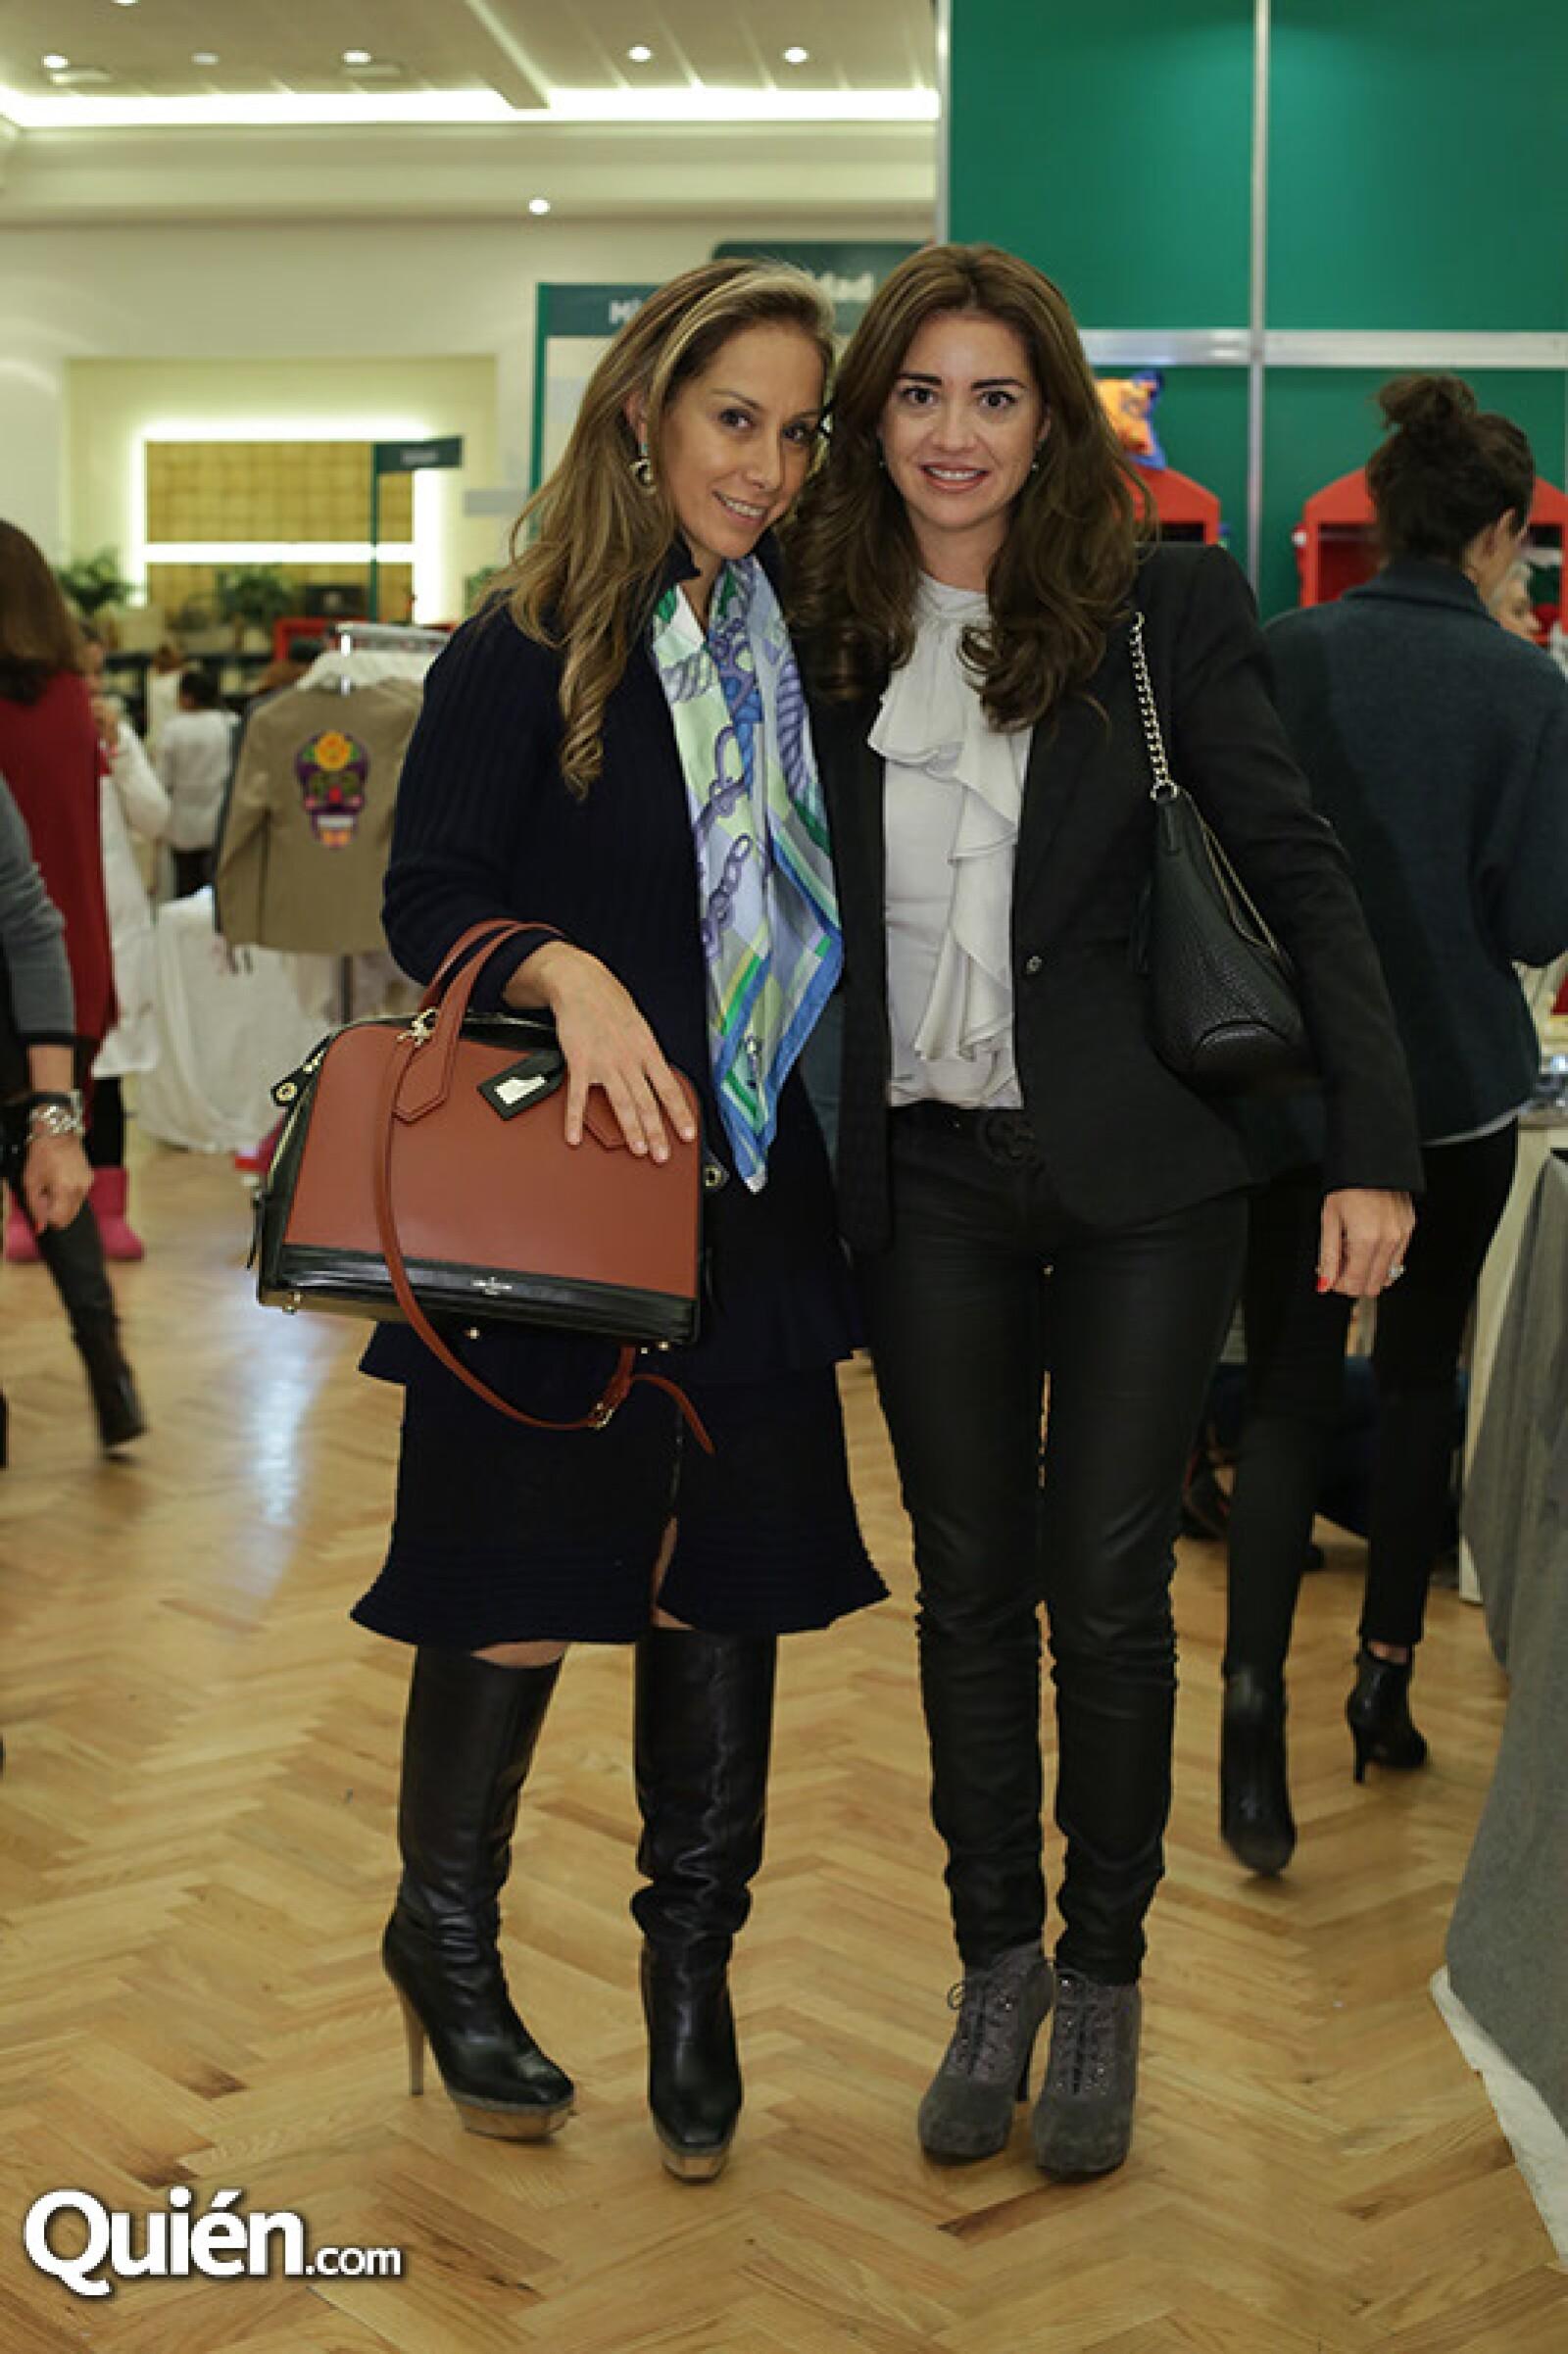 Carla Juan y Esmeralda Cabeza de Vaca